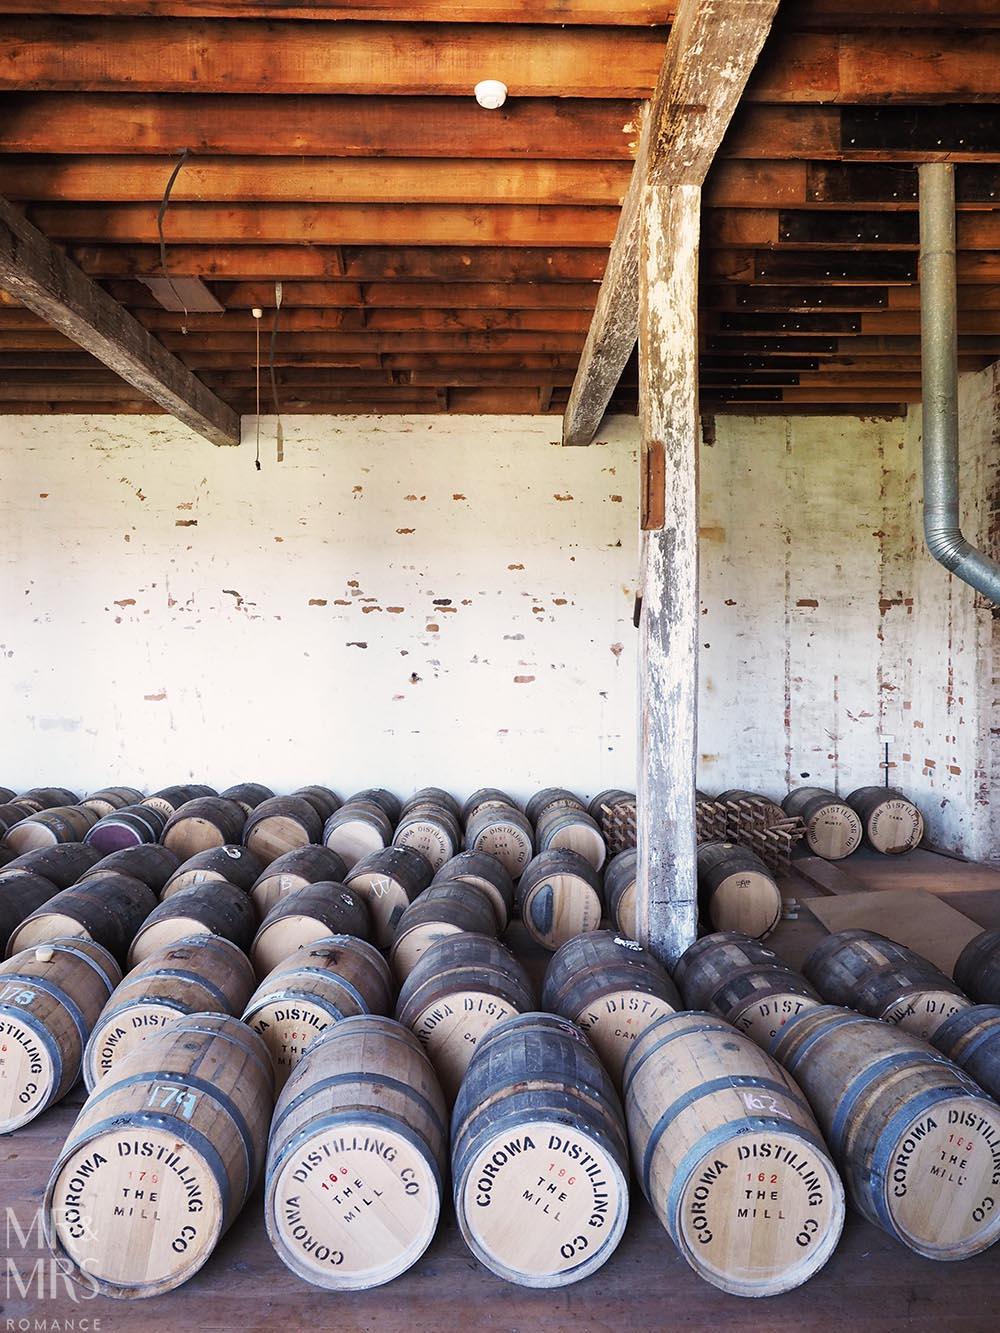 Australian whisky casks - Corowa Distillery NSW - MMR